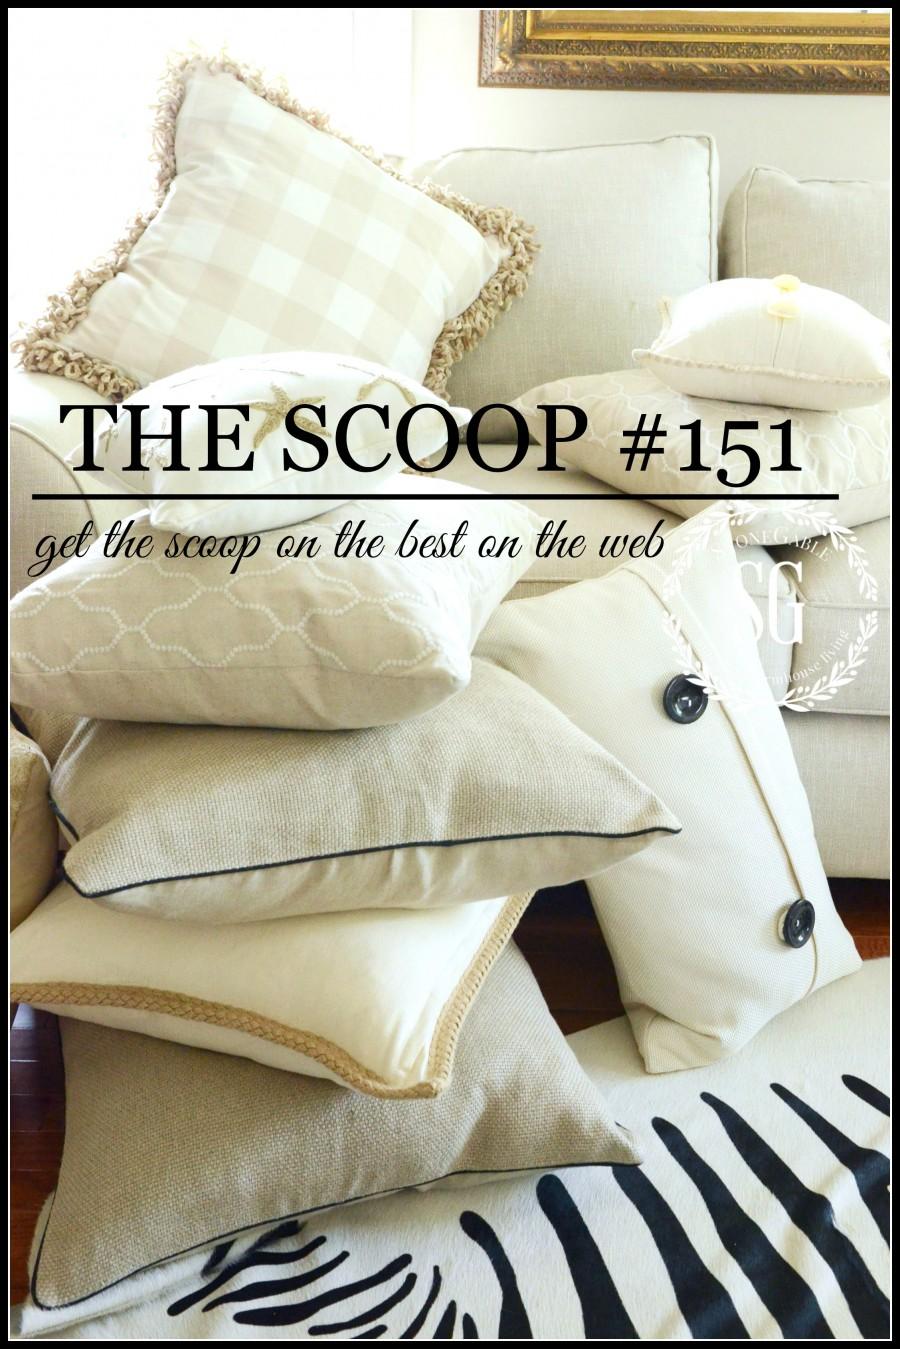 THE SCOOP #151